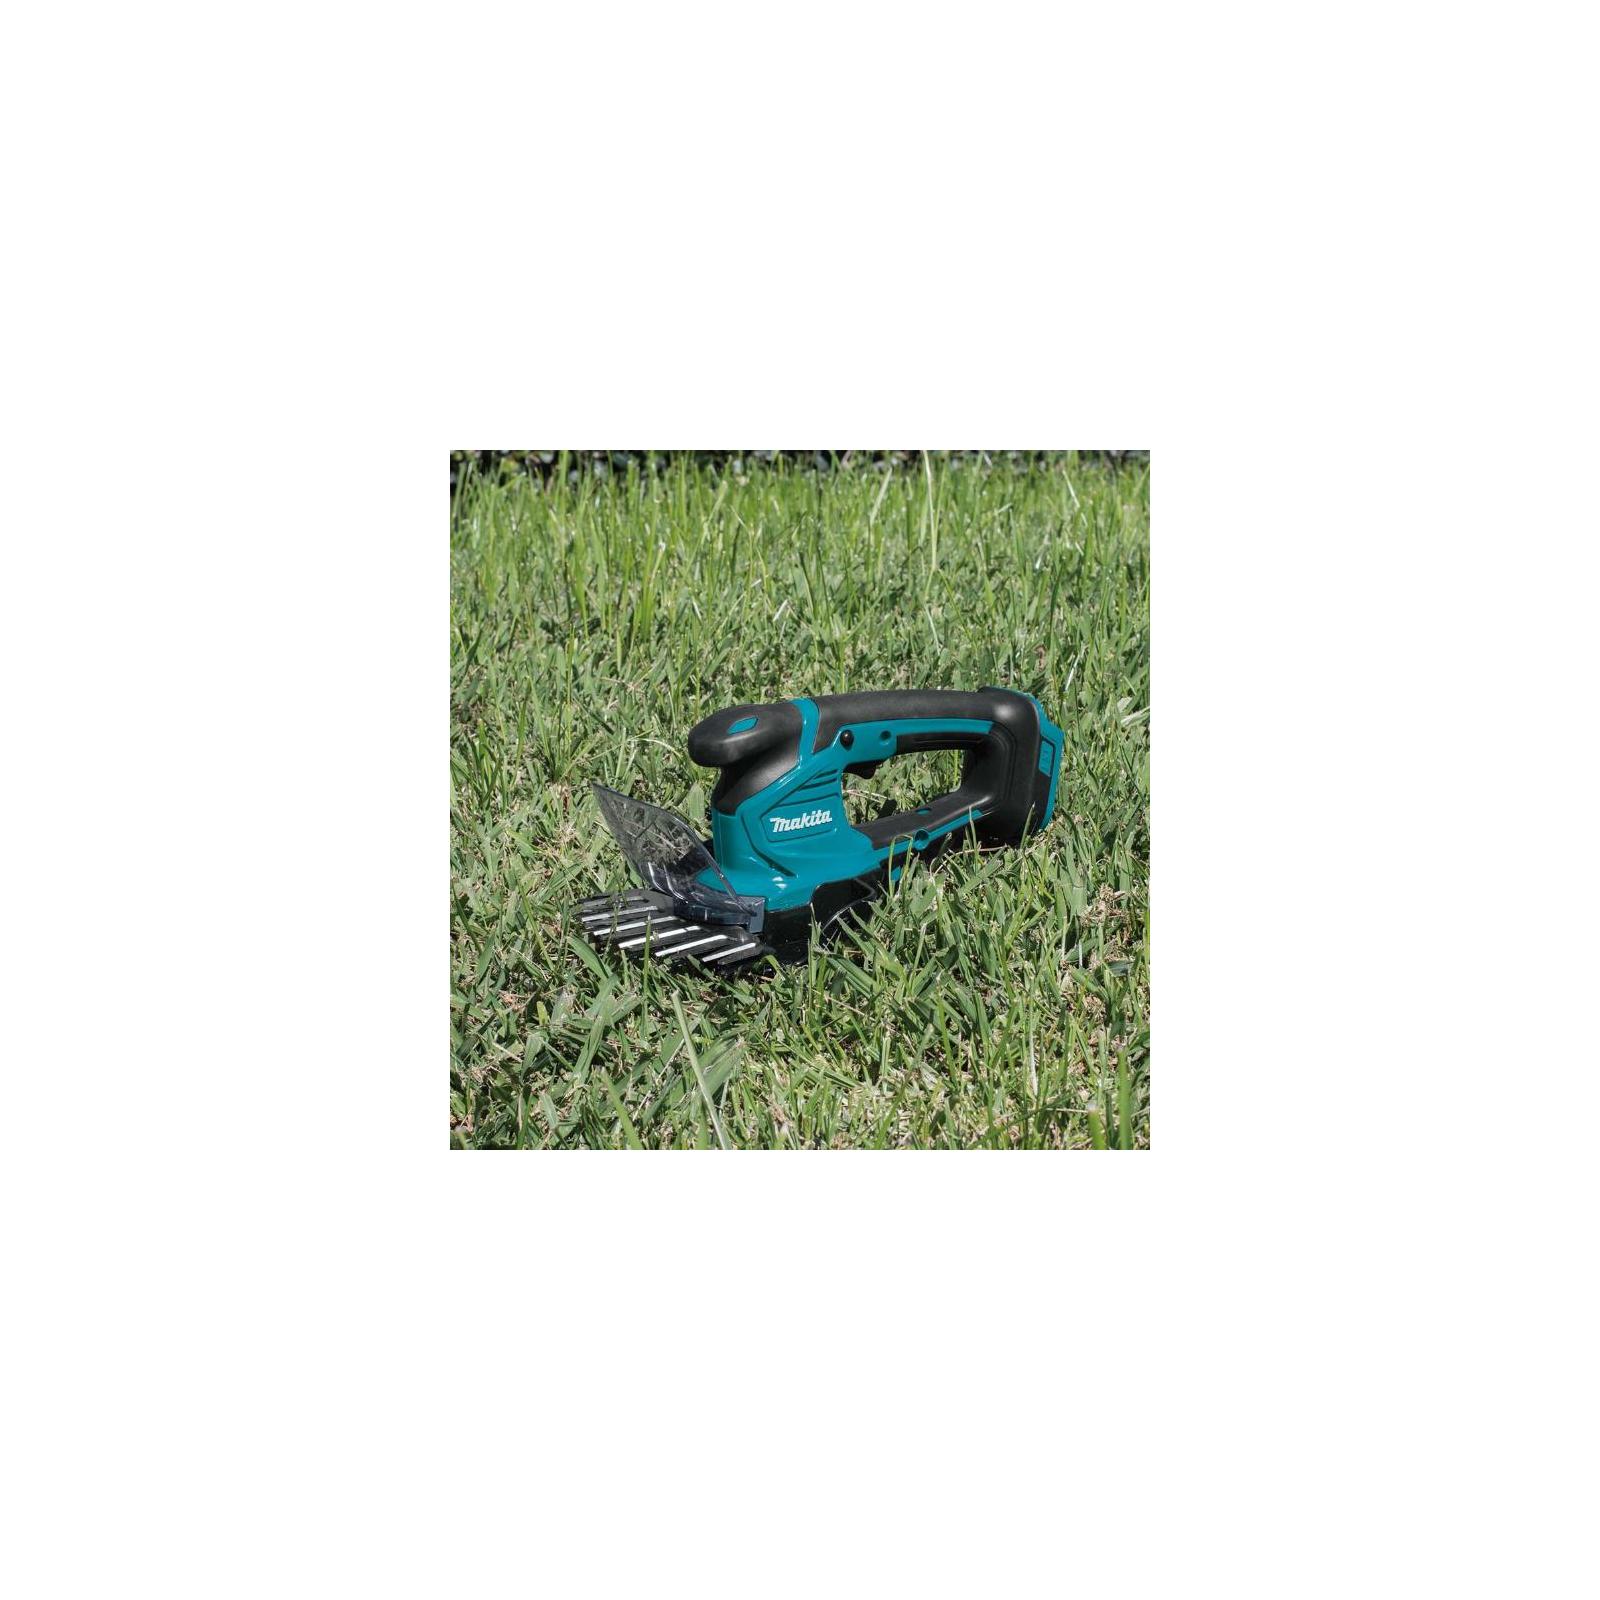 Кусторез Makita для травы аккумуляторные LXT, 18В, 160мм (DUM604Z) изображение 9